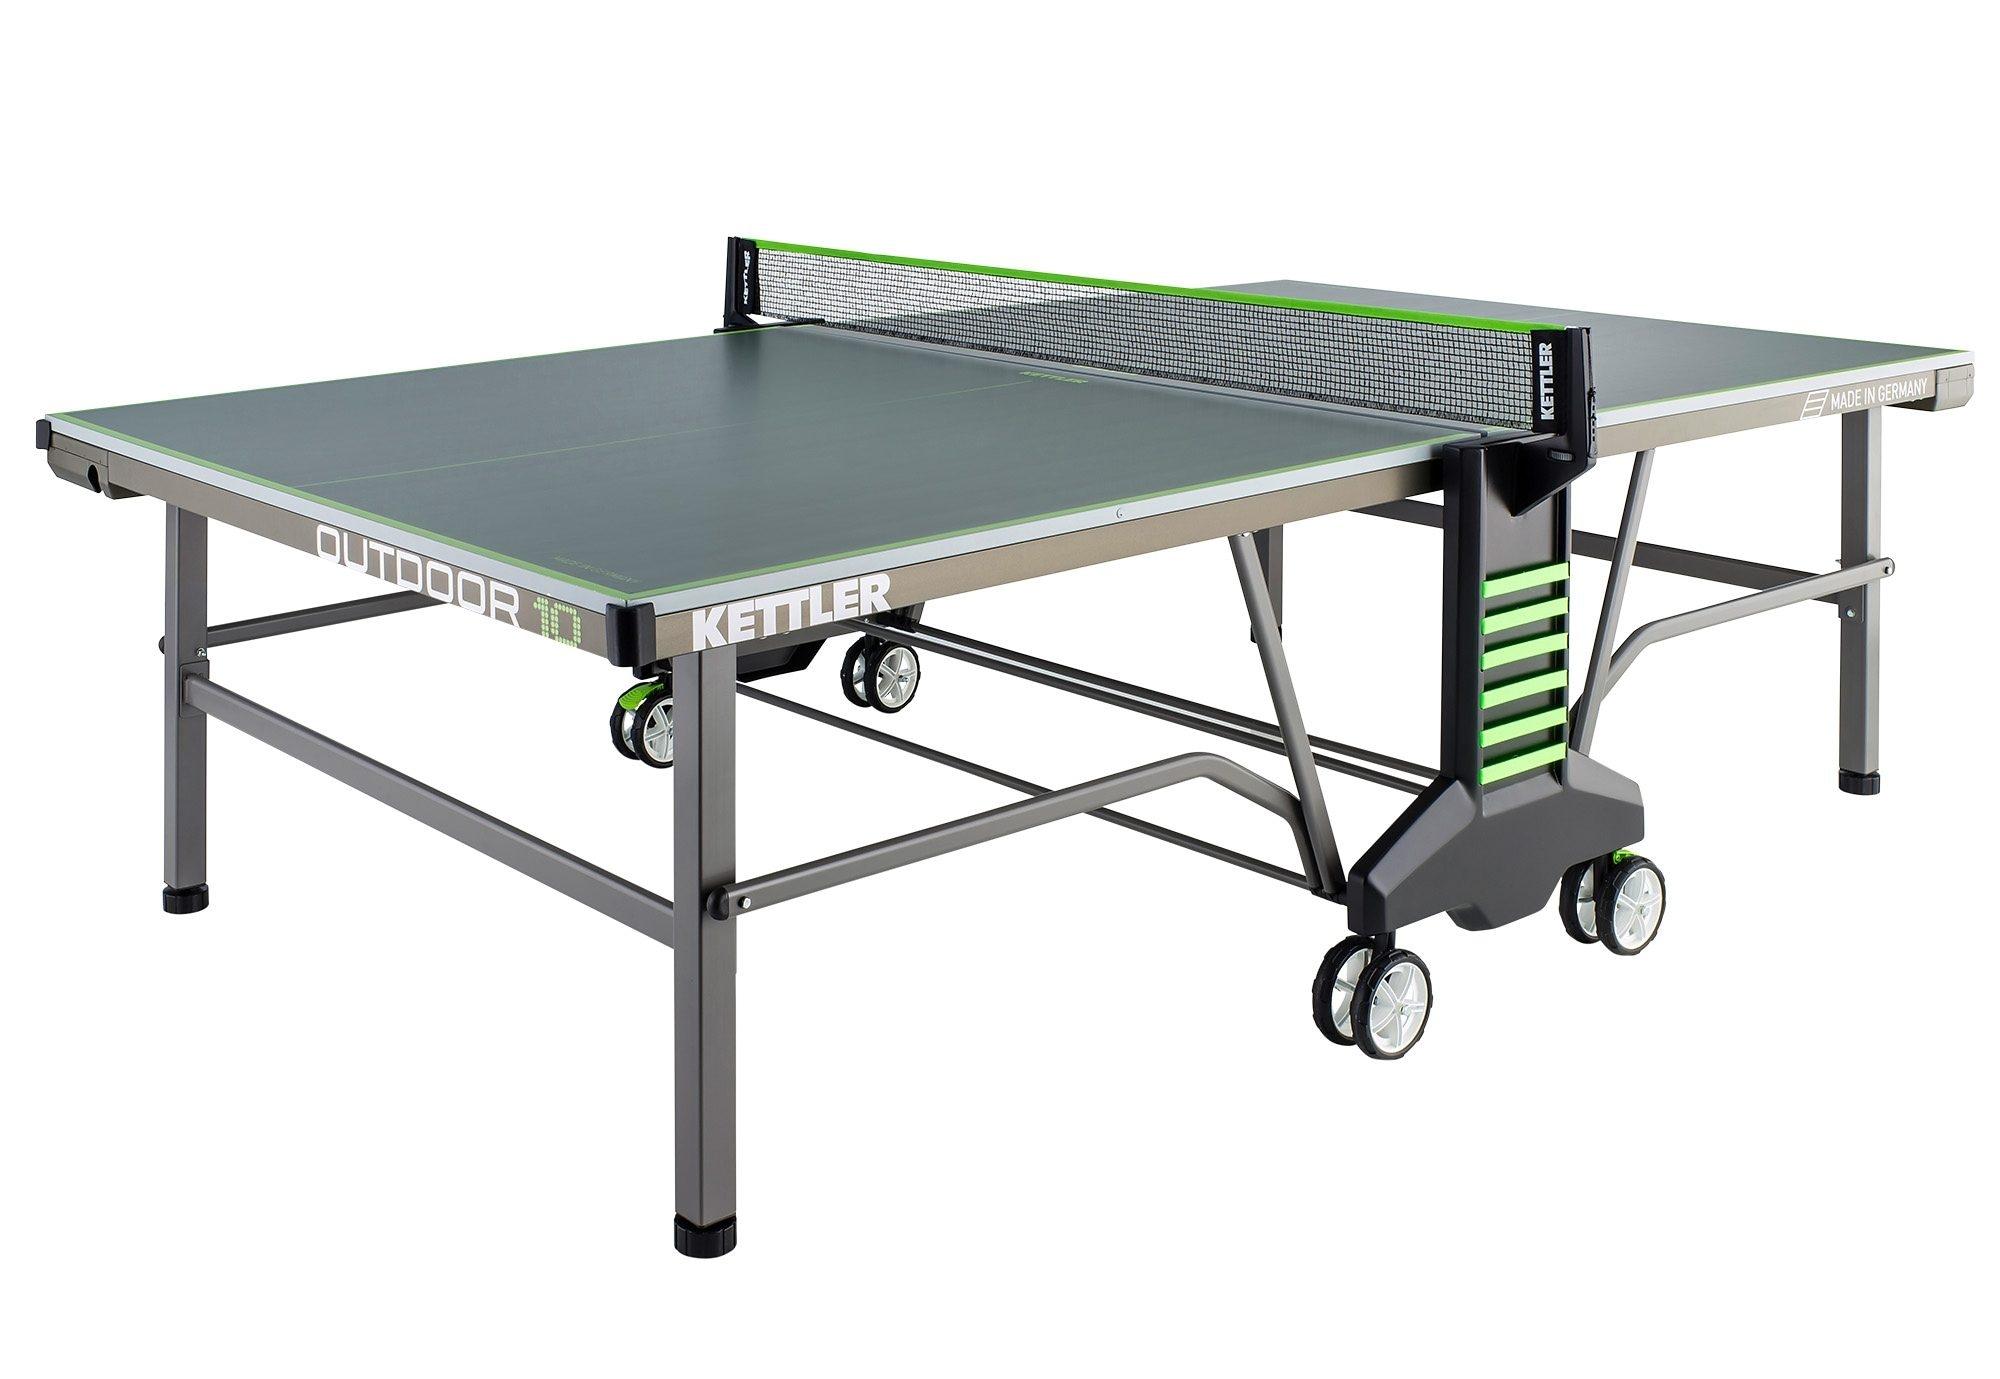 tischtennistischplatte selber bauen: wie man eine tischtennisplatte